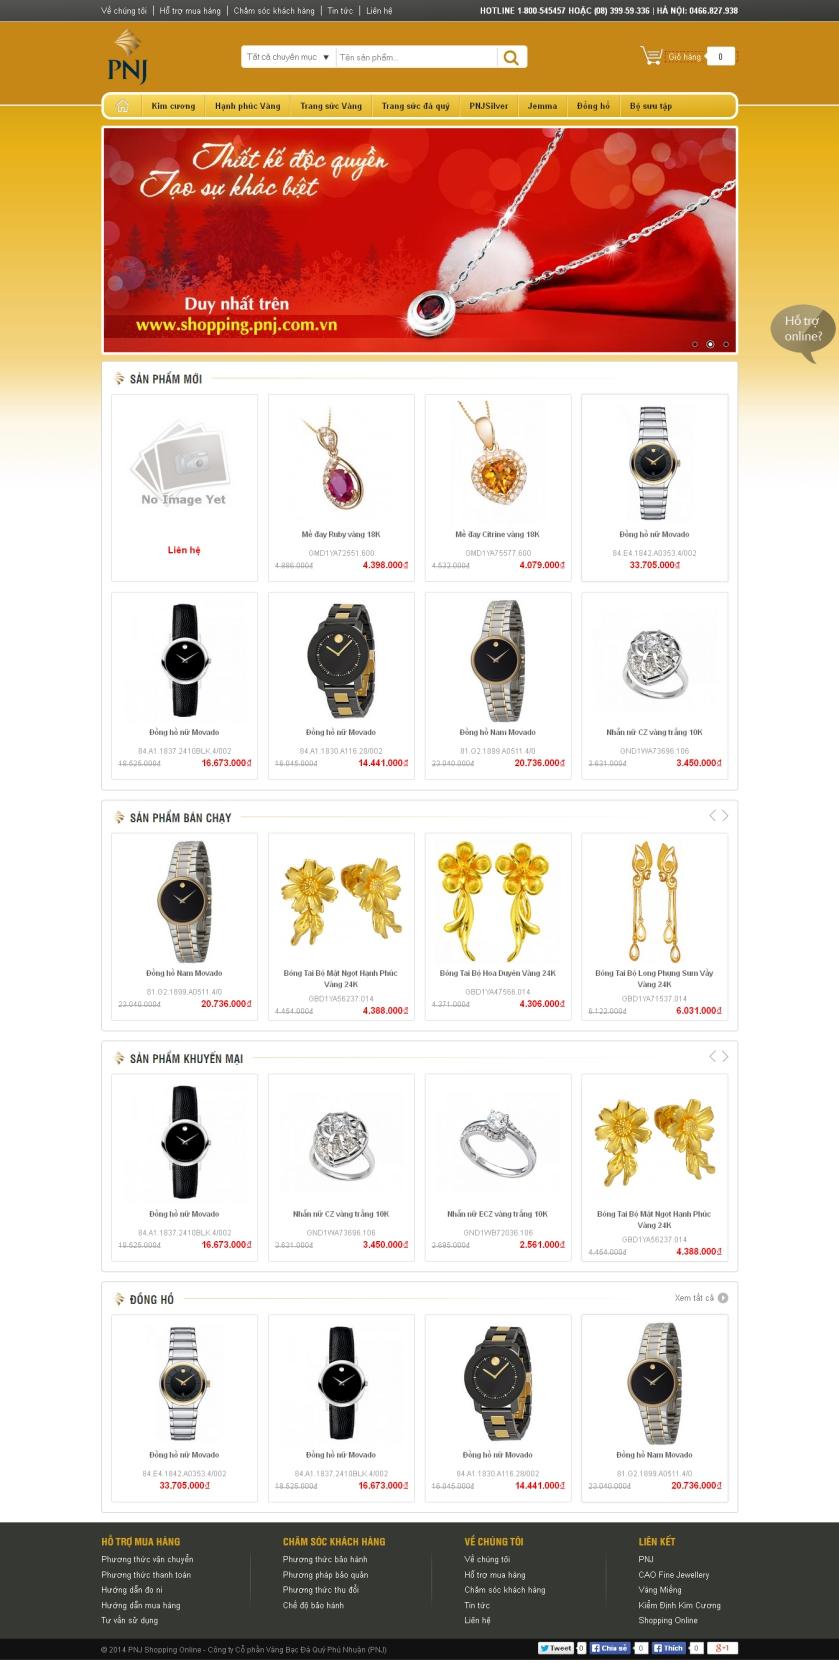 Thiết kế web vàng bạc - Mẫu 1